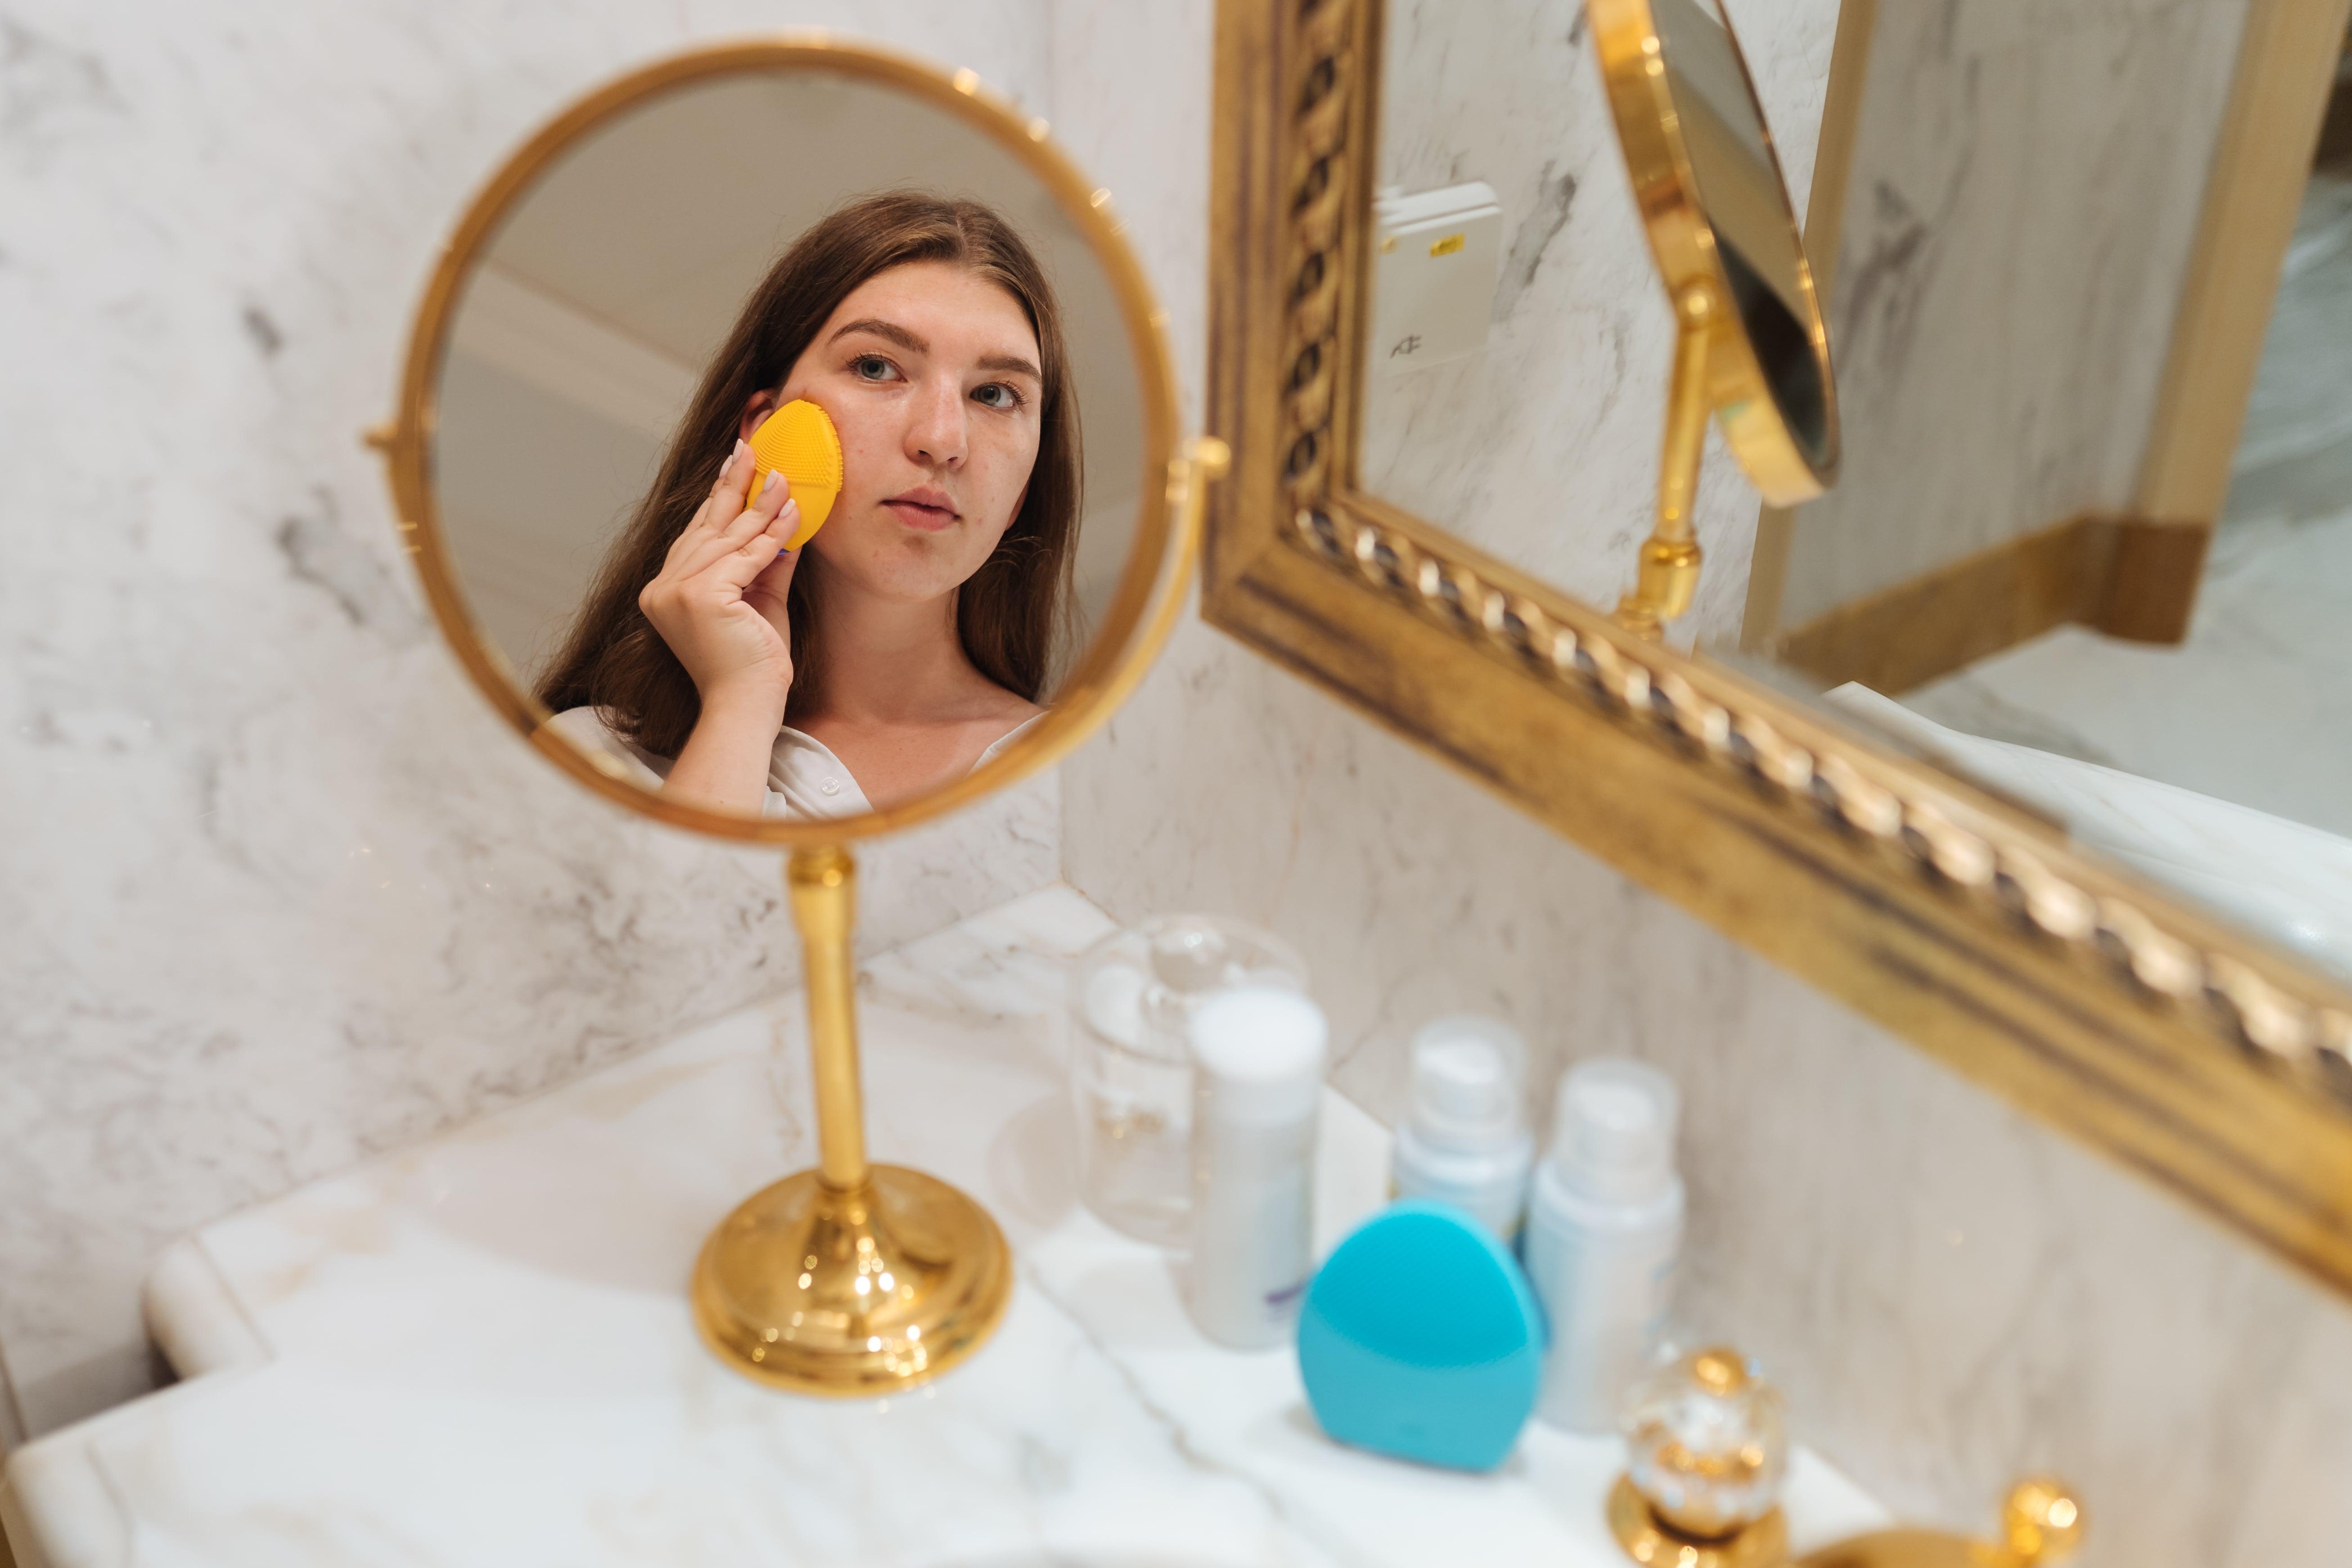 щетка для очищения лица LUNA mini 2